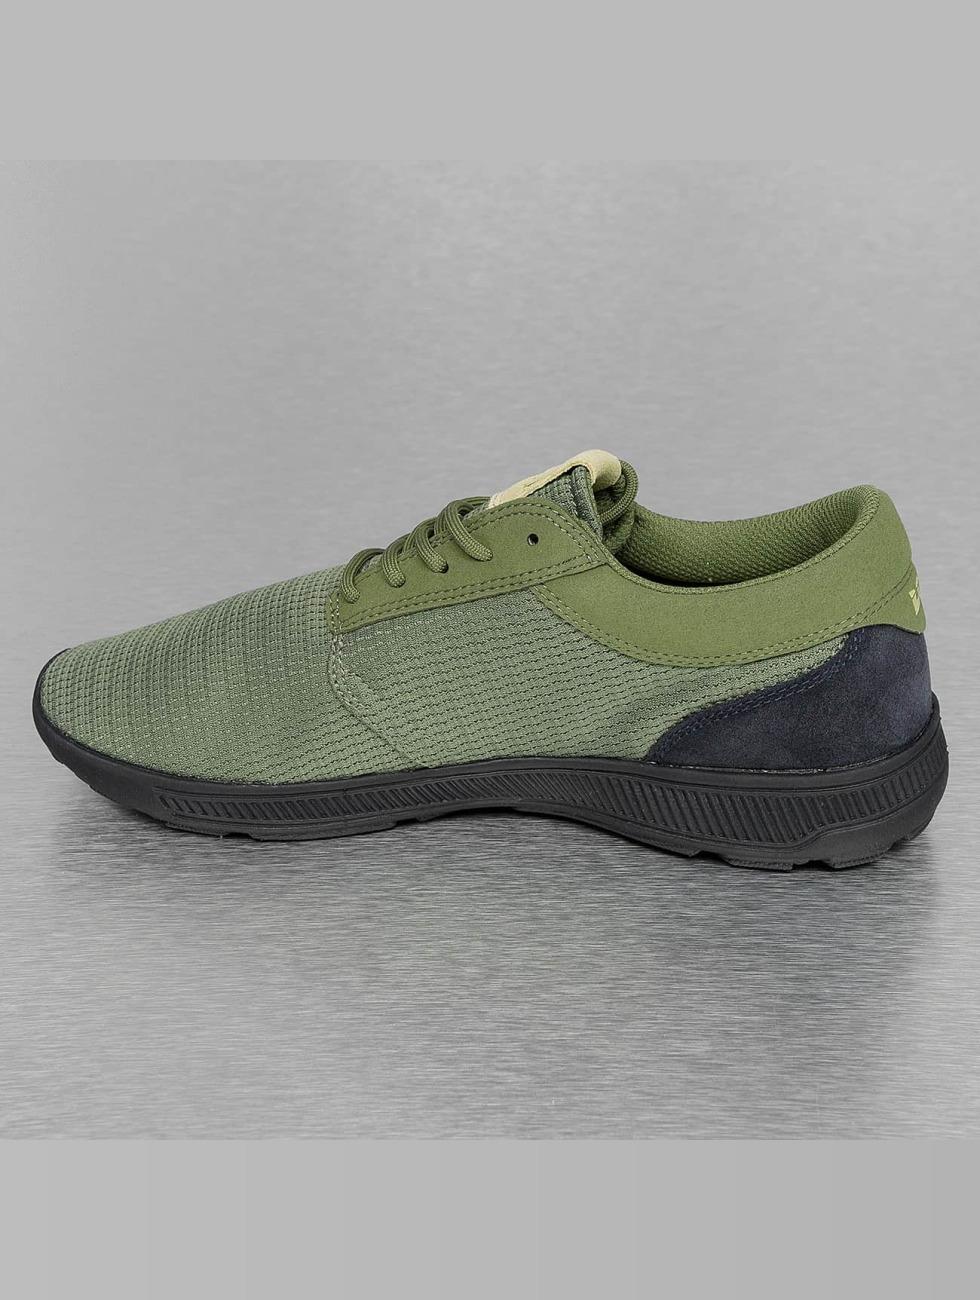 Supra Sneakers Hammer Run olive